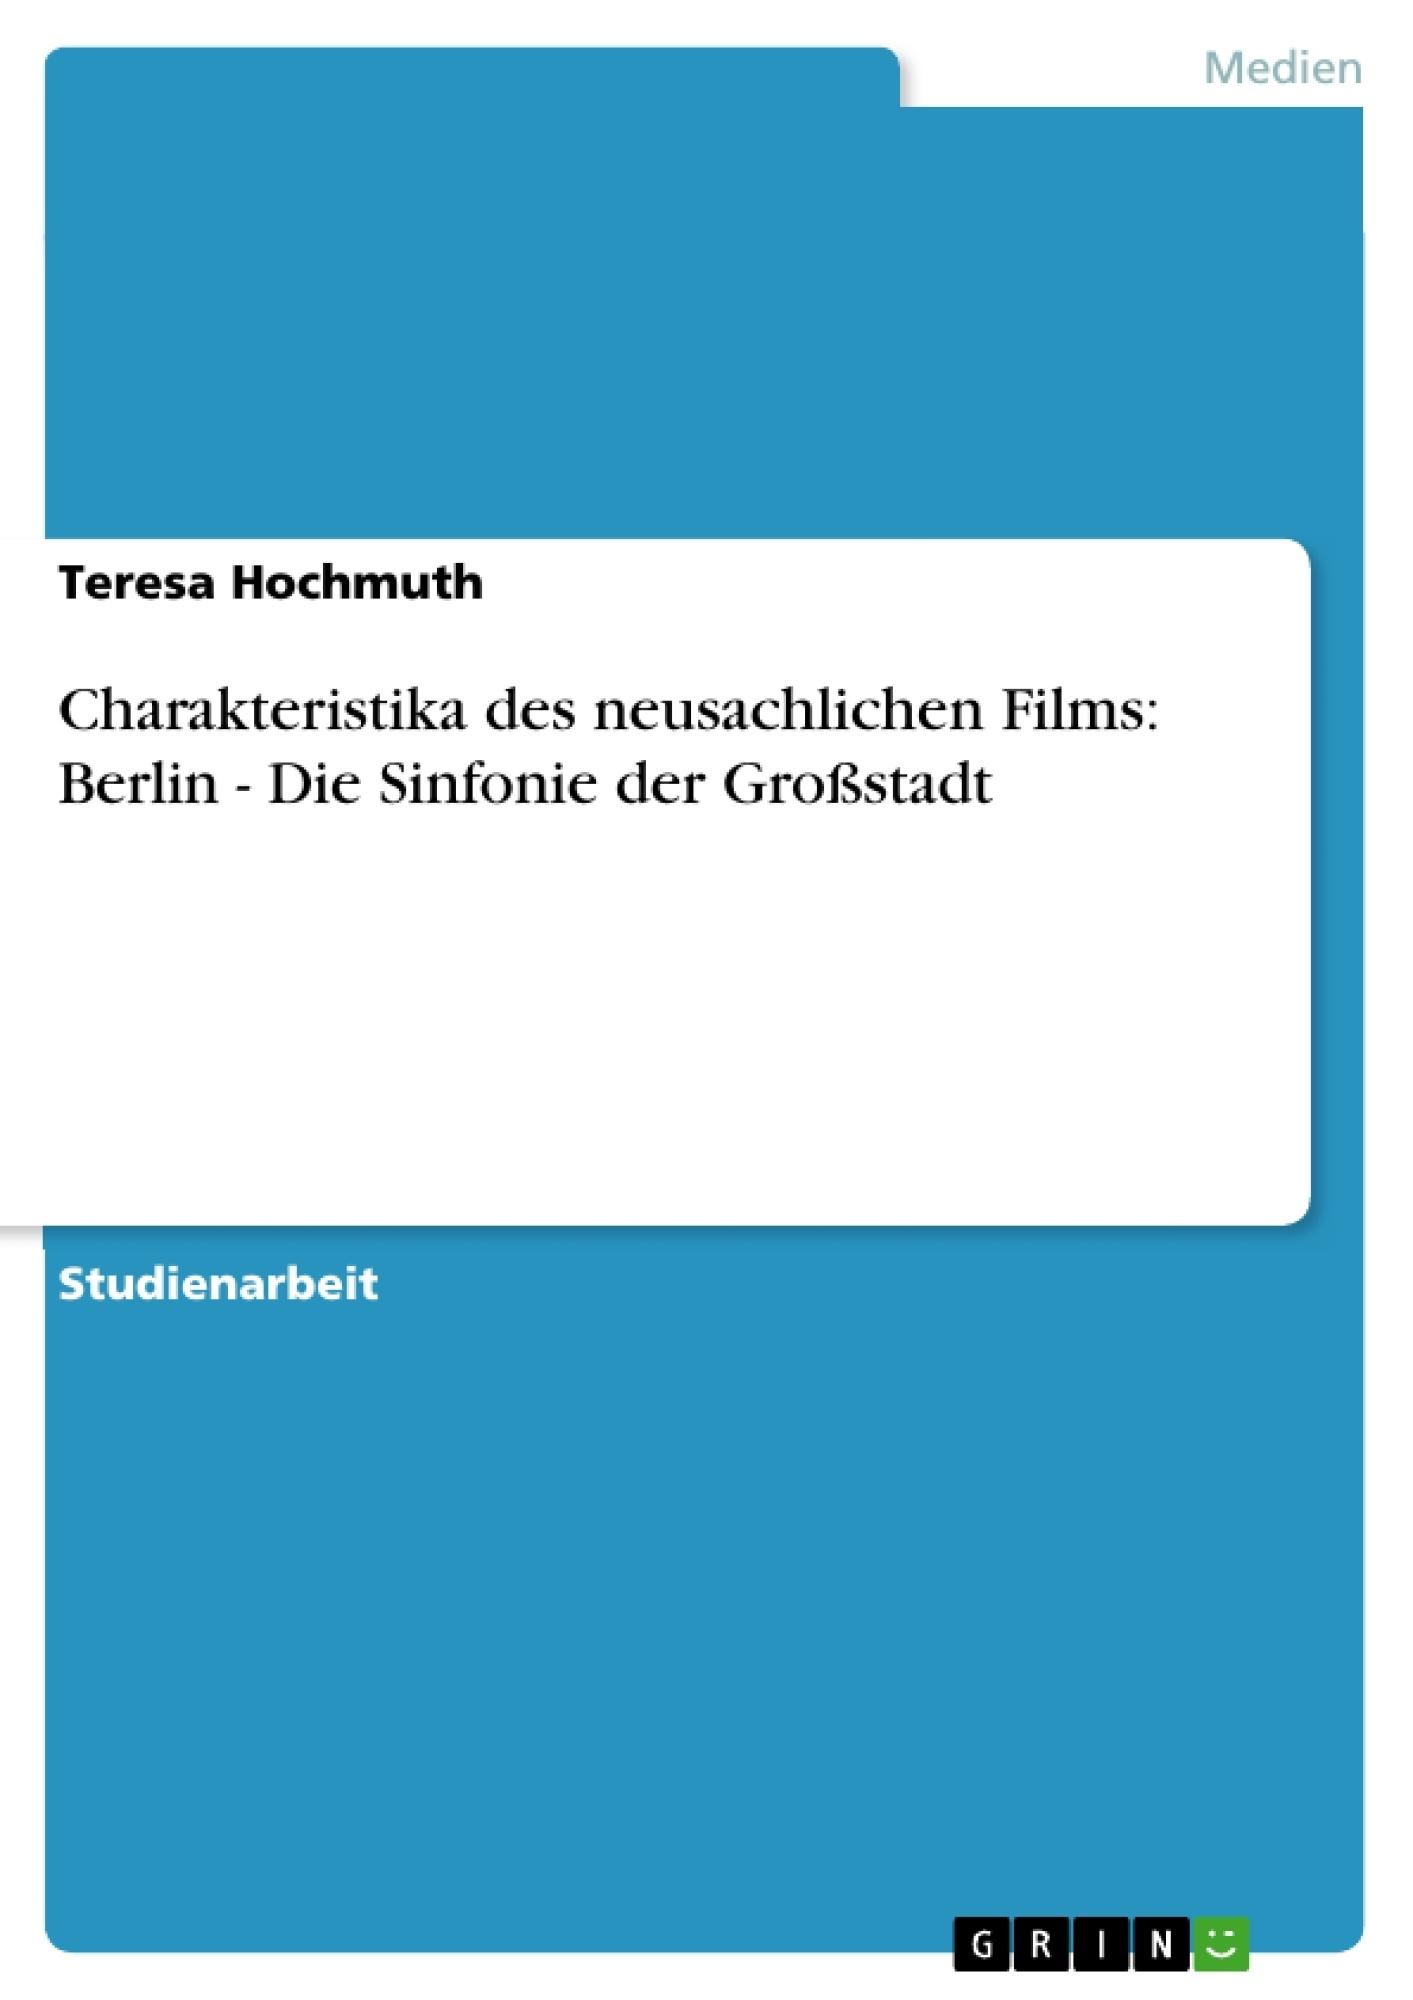 Titel: Charakteristika des neusachlichen Films: Berlin - Die Sinfonie der Großstadt